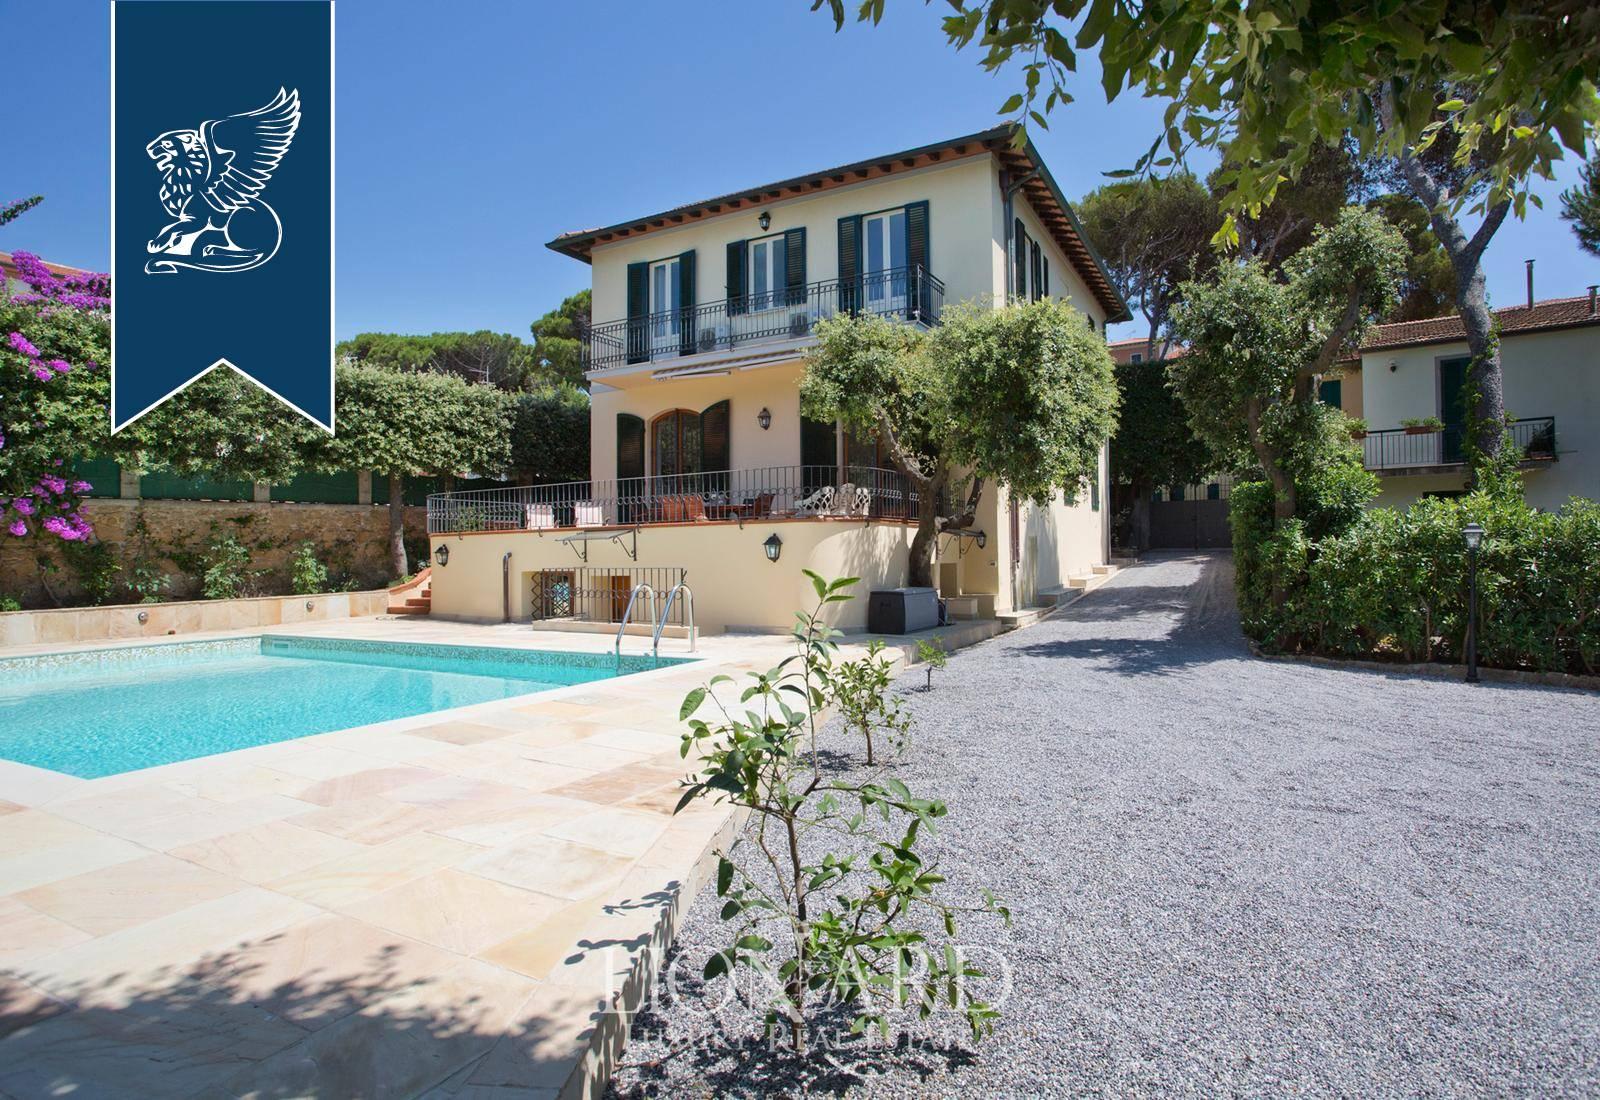 Villa in Vendita a Rosignano Marittimo: 0 locali, 340 mq - Foto 2